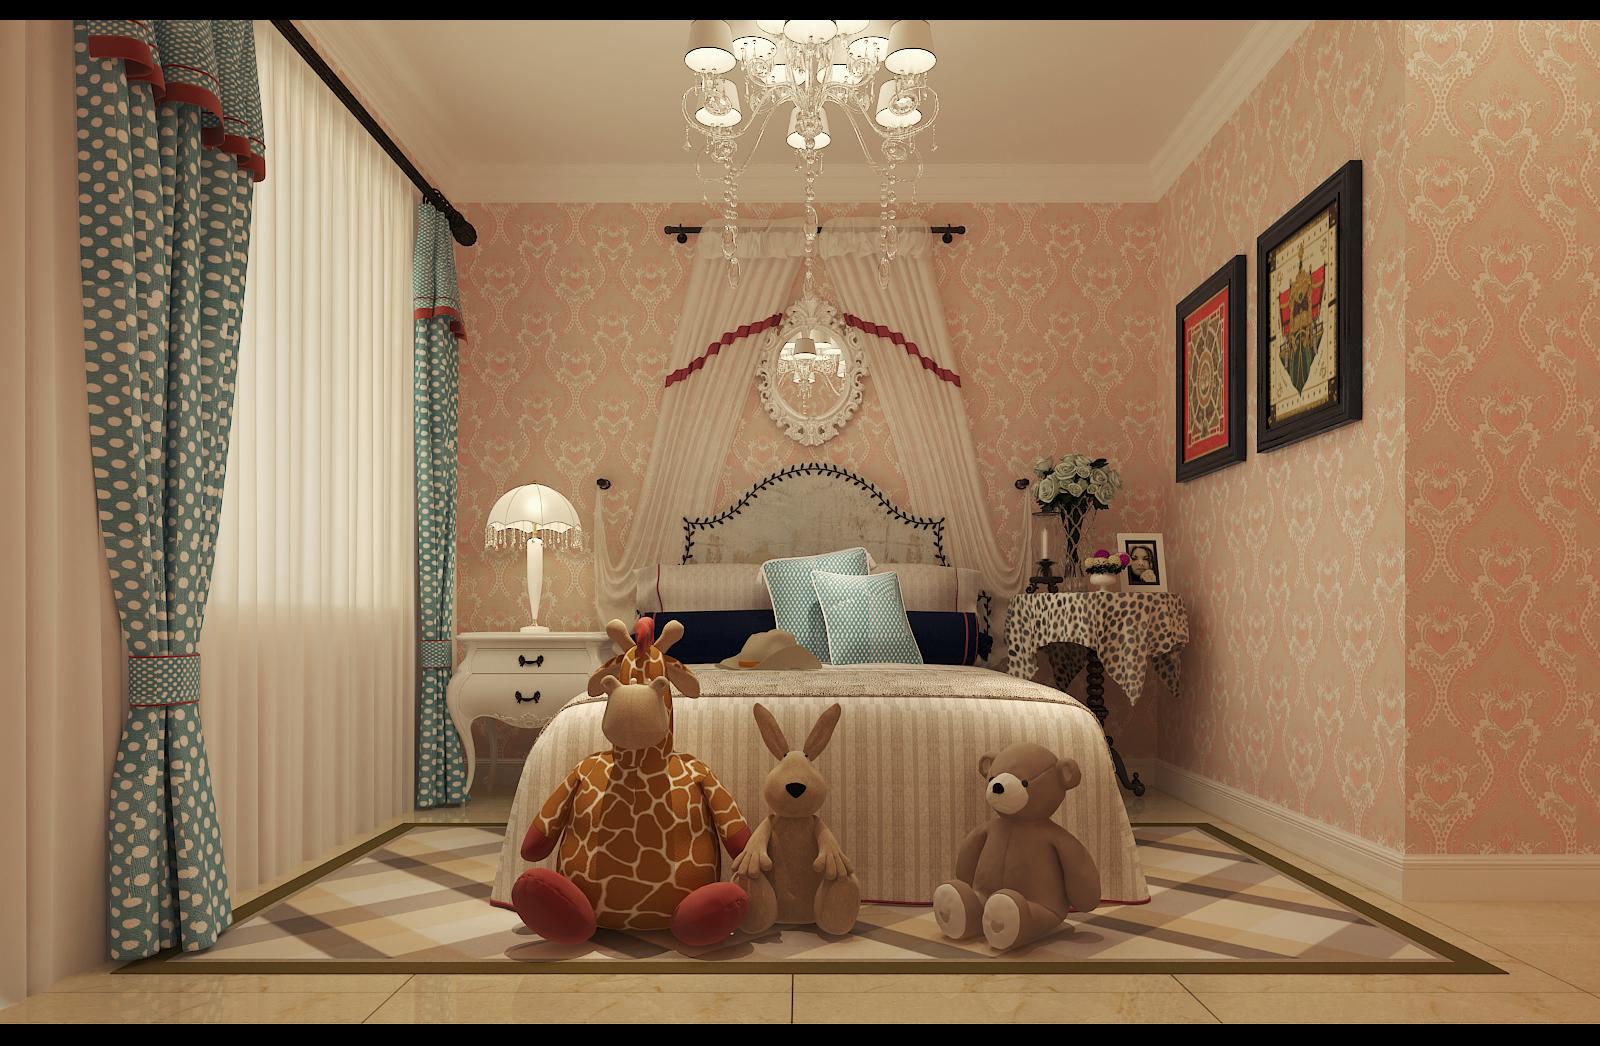 简约 欧式 田园 混搭 二居 三居 别墅 白领 旧房改造 卧室图片来自沪上名家-巩光辉在城东路家属院的分享